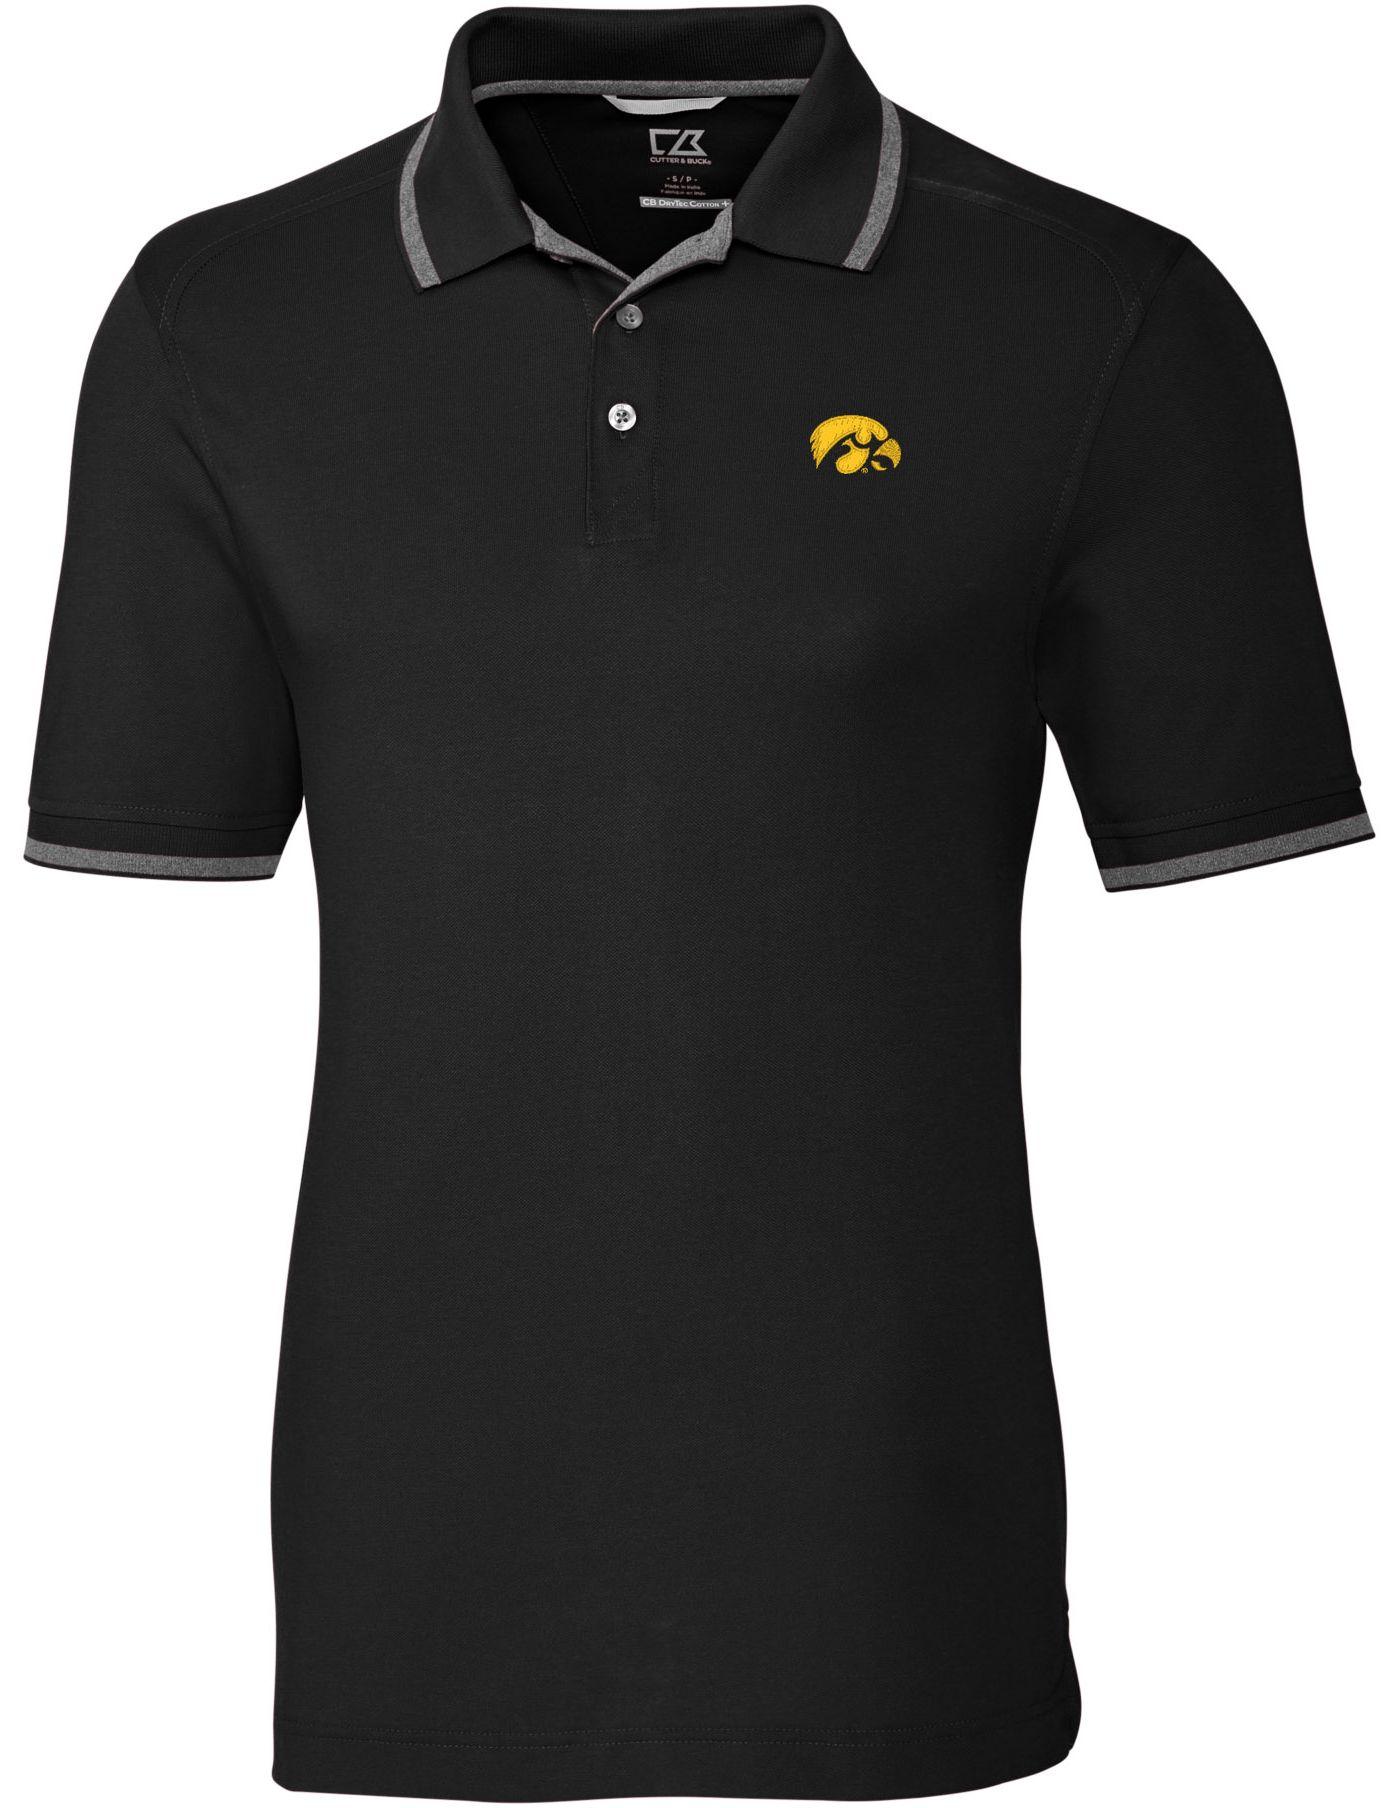 Cutter & Buck Men's Iowa Hawkeyes Advantage Tipped Black Polo